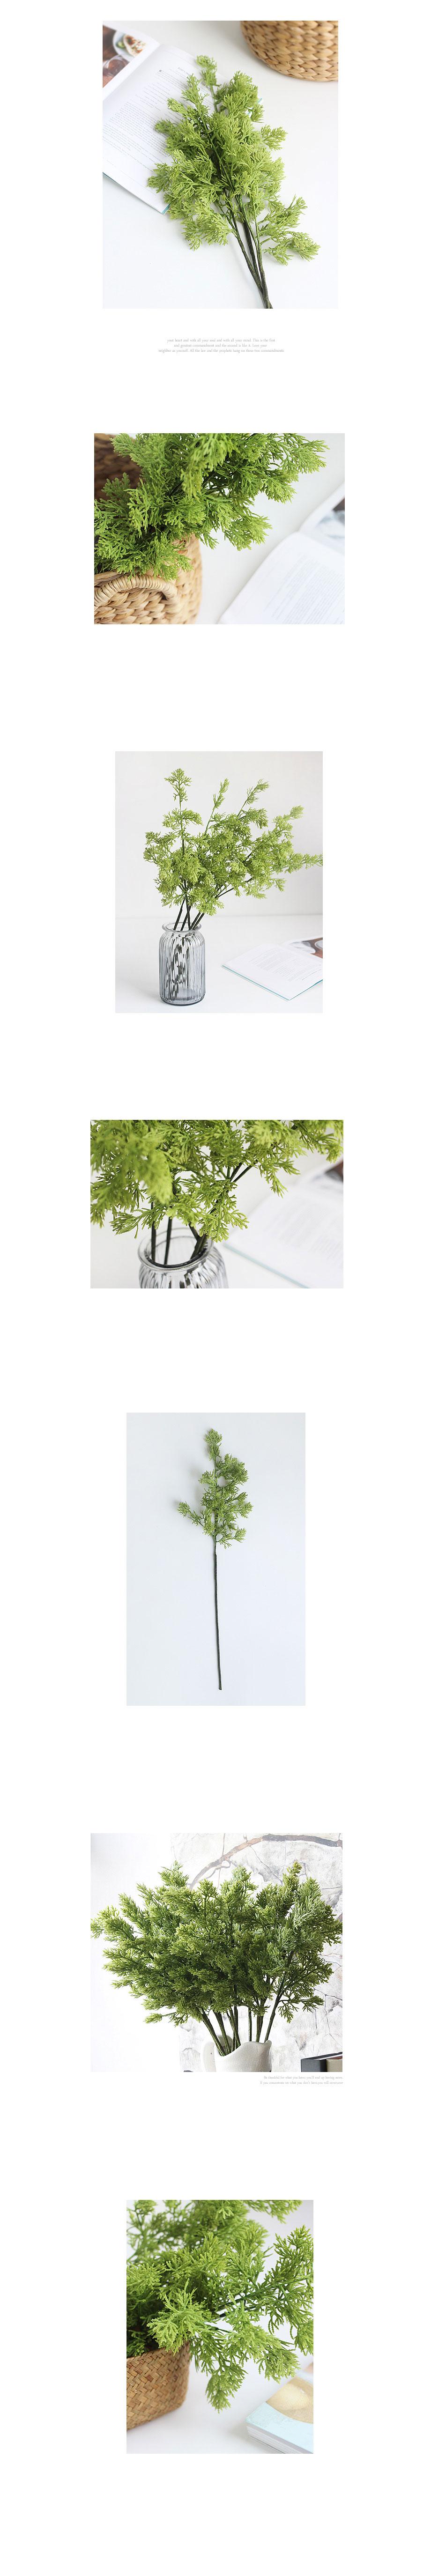 소나무가지 조화 - 안나하우스, 8,000원, 조화, 부쉬